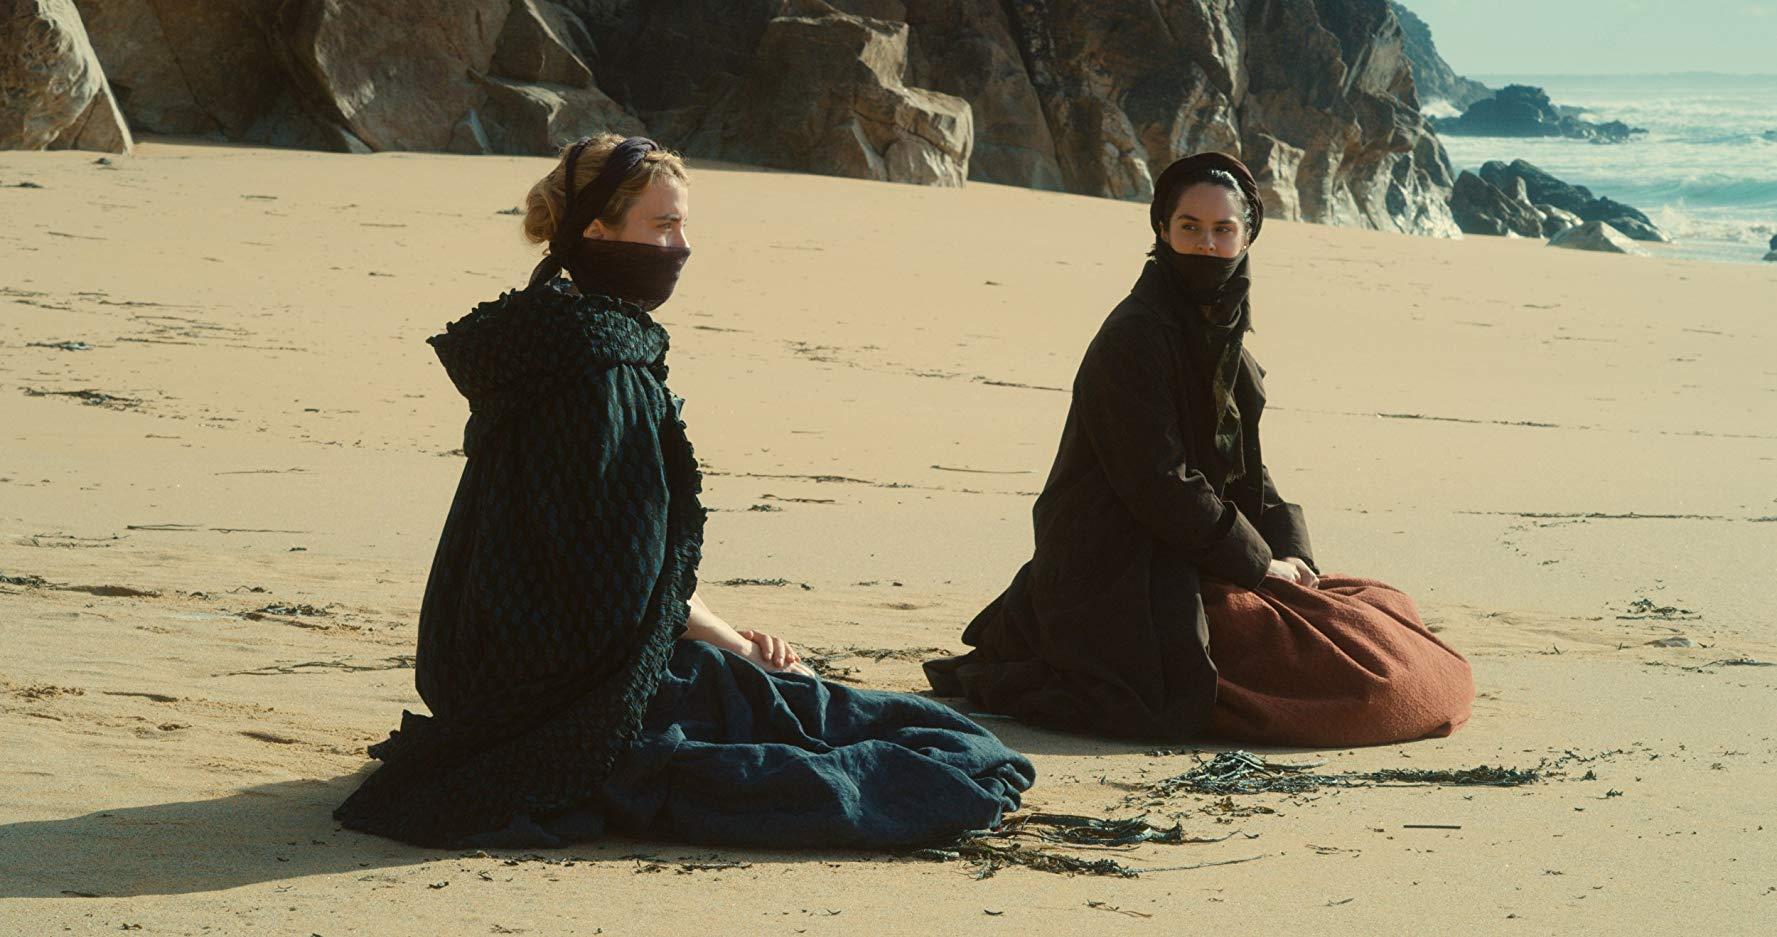 Héloïse (Adèle Haenel) e Marianne (Noémie Merlant) vestidas de forma que somente expõem os olhos e o cabelo, sentadas na areia, em uma praia.